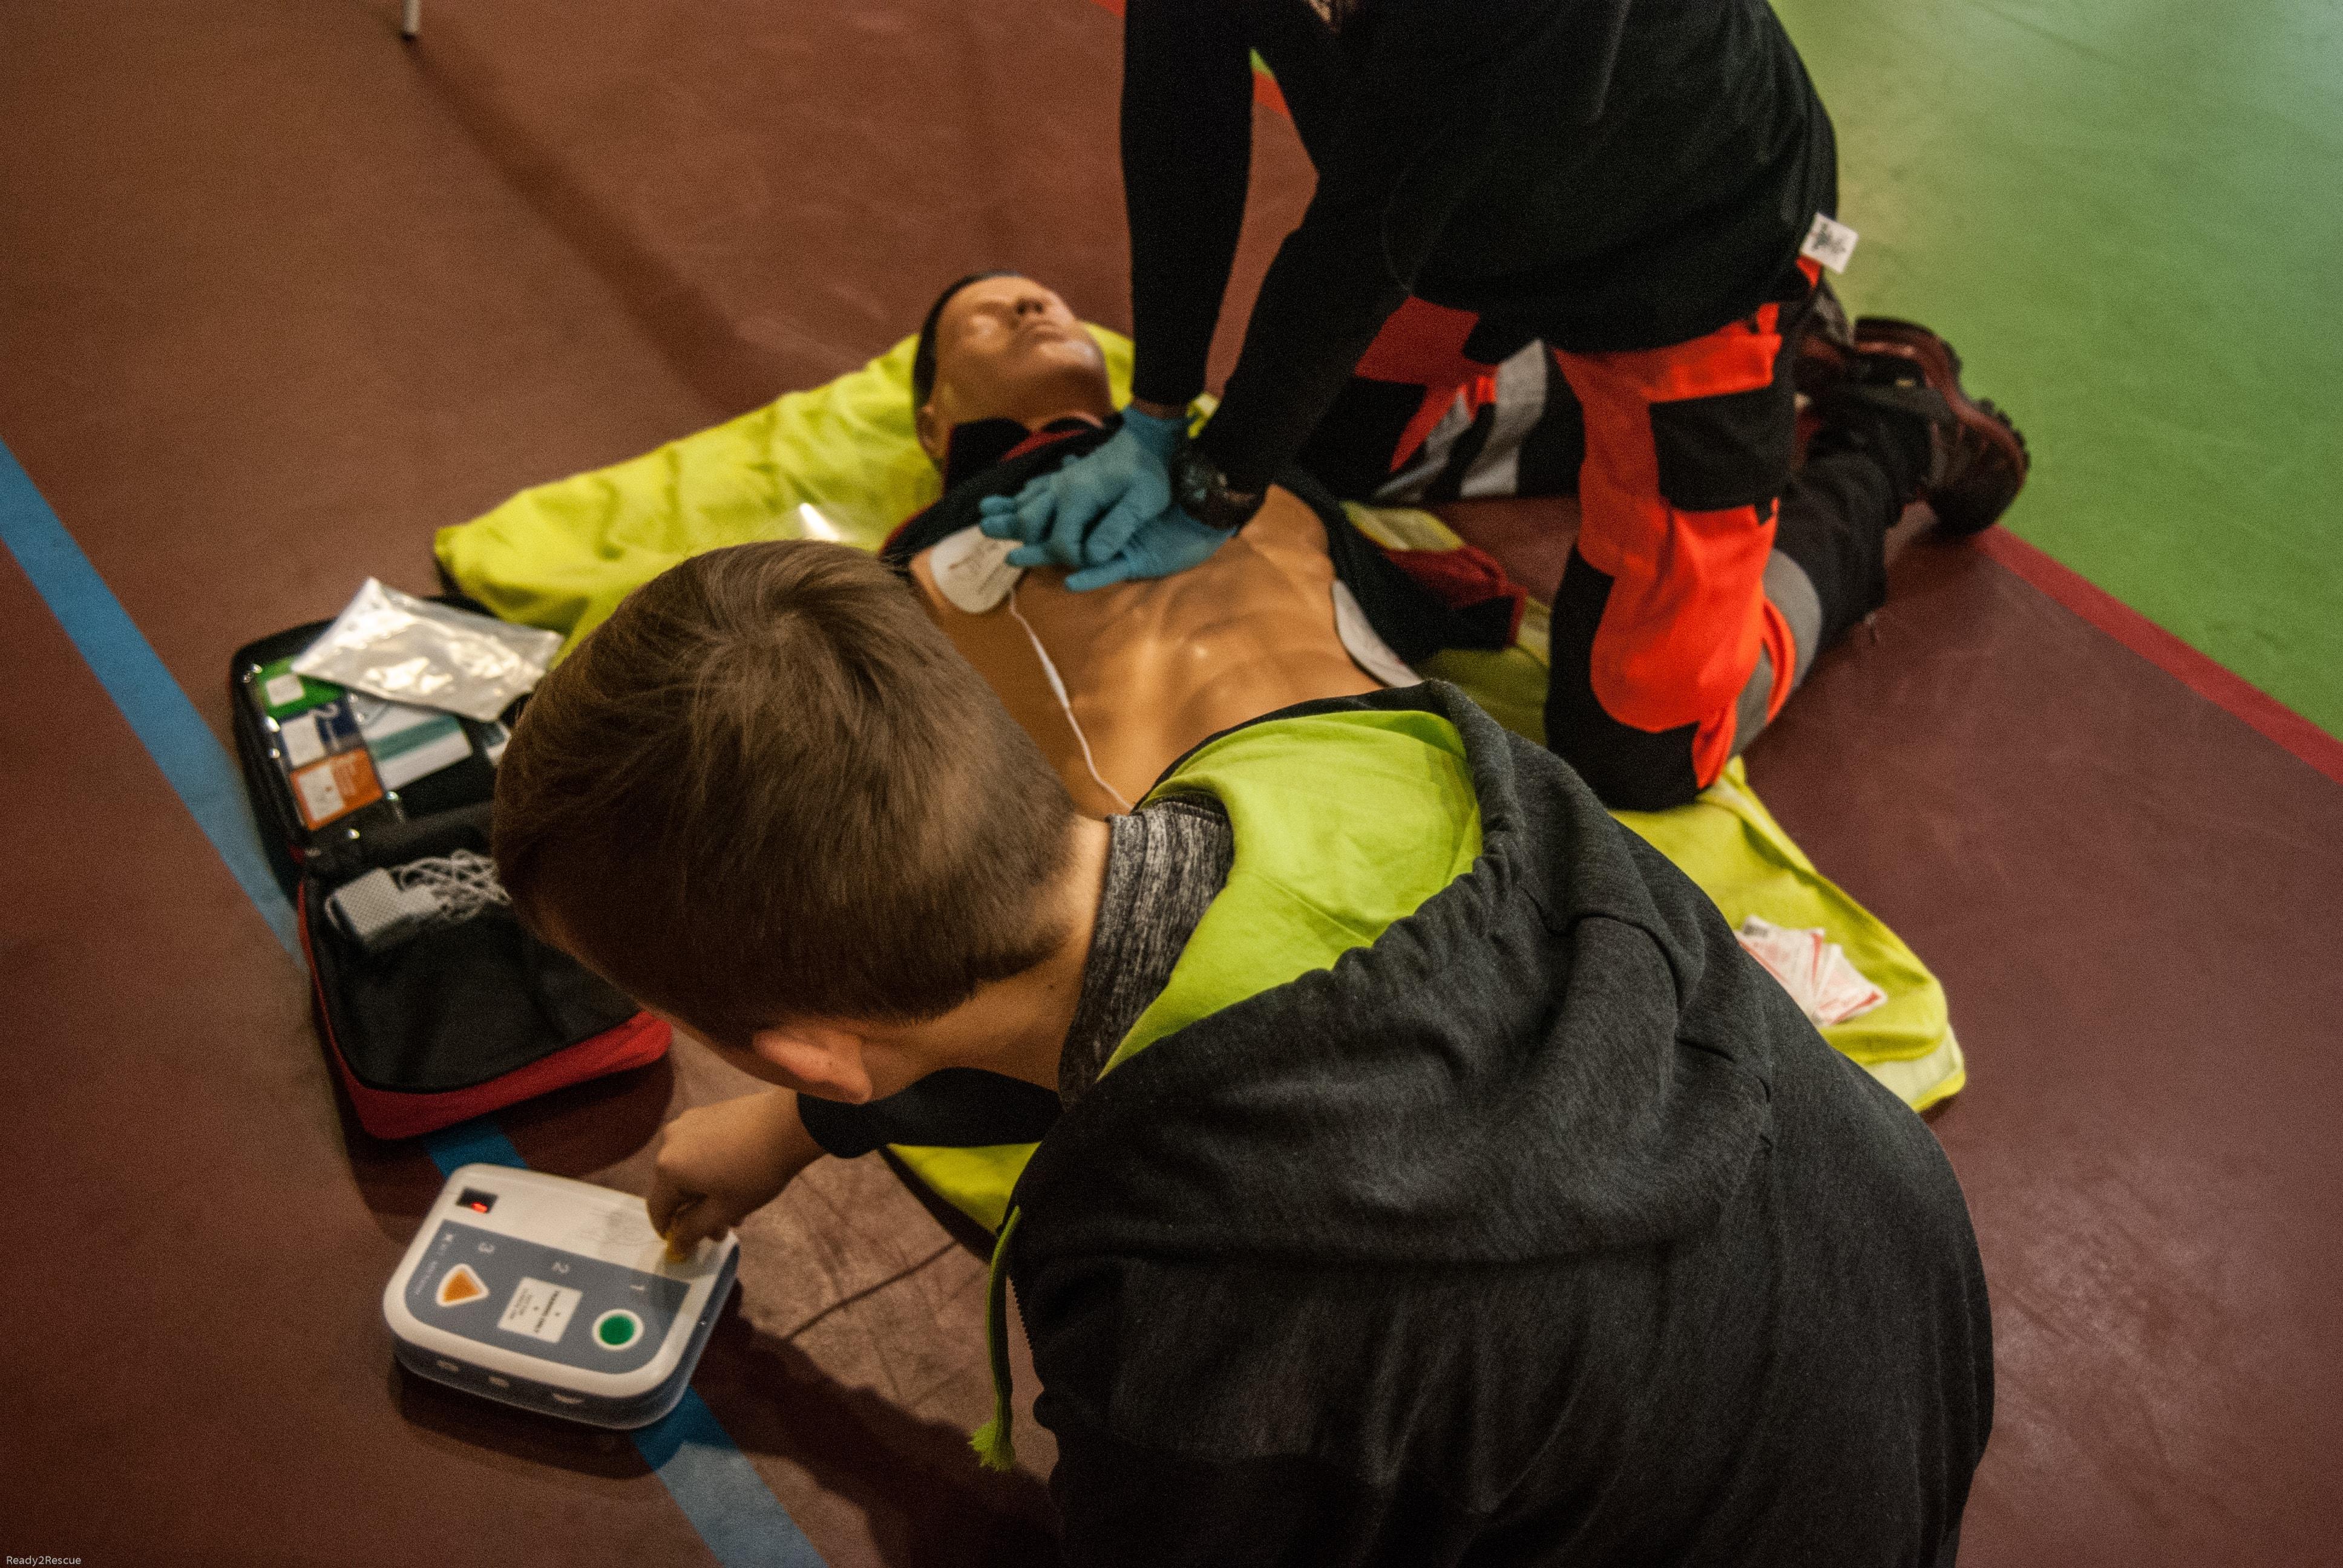 pierwsza pomoc nie oddycha, BLS+AED class=